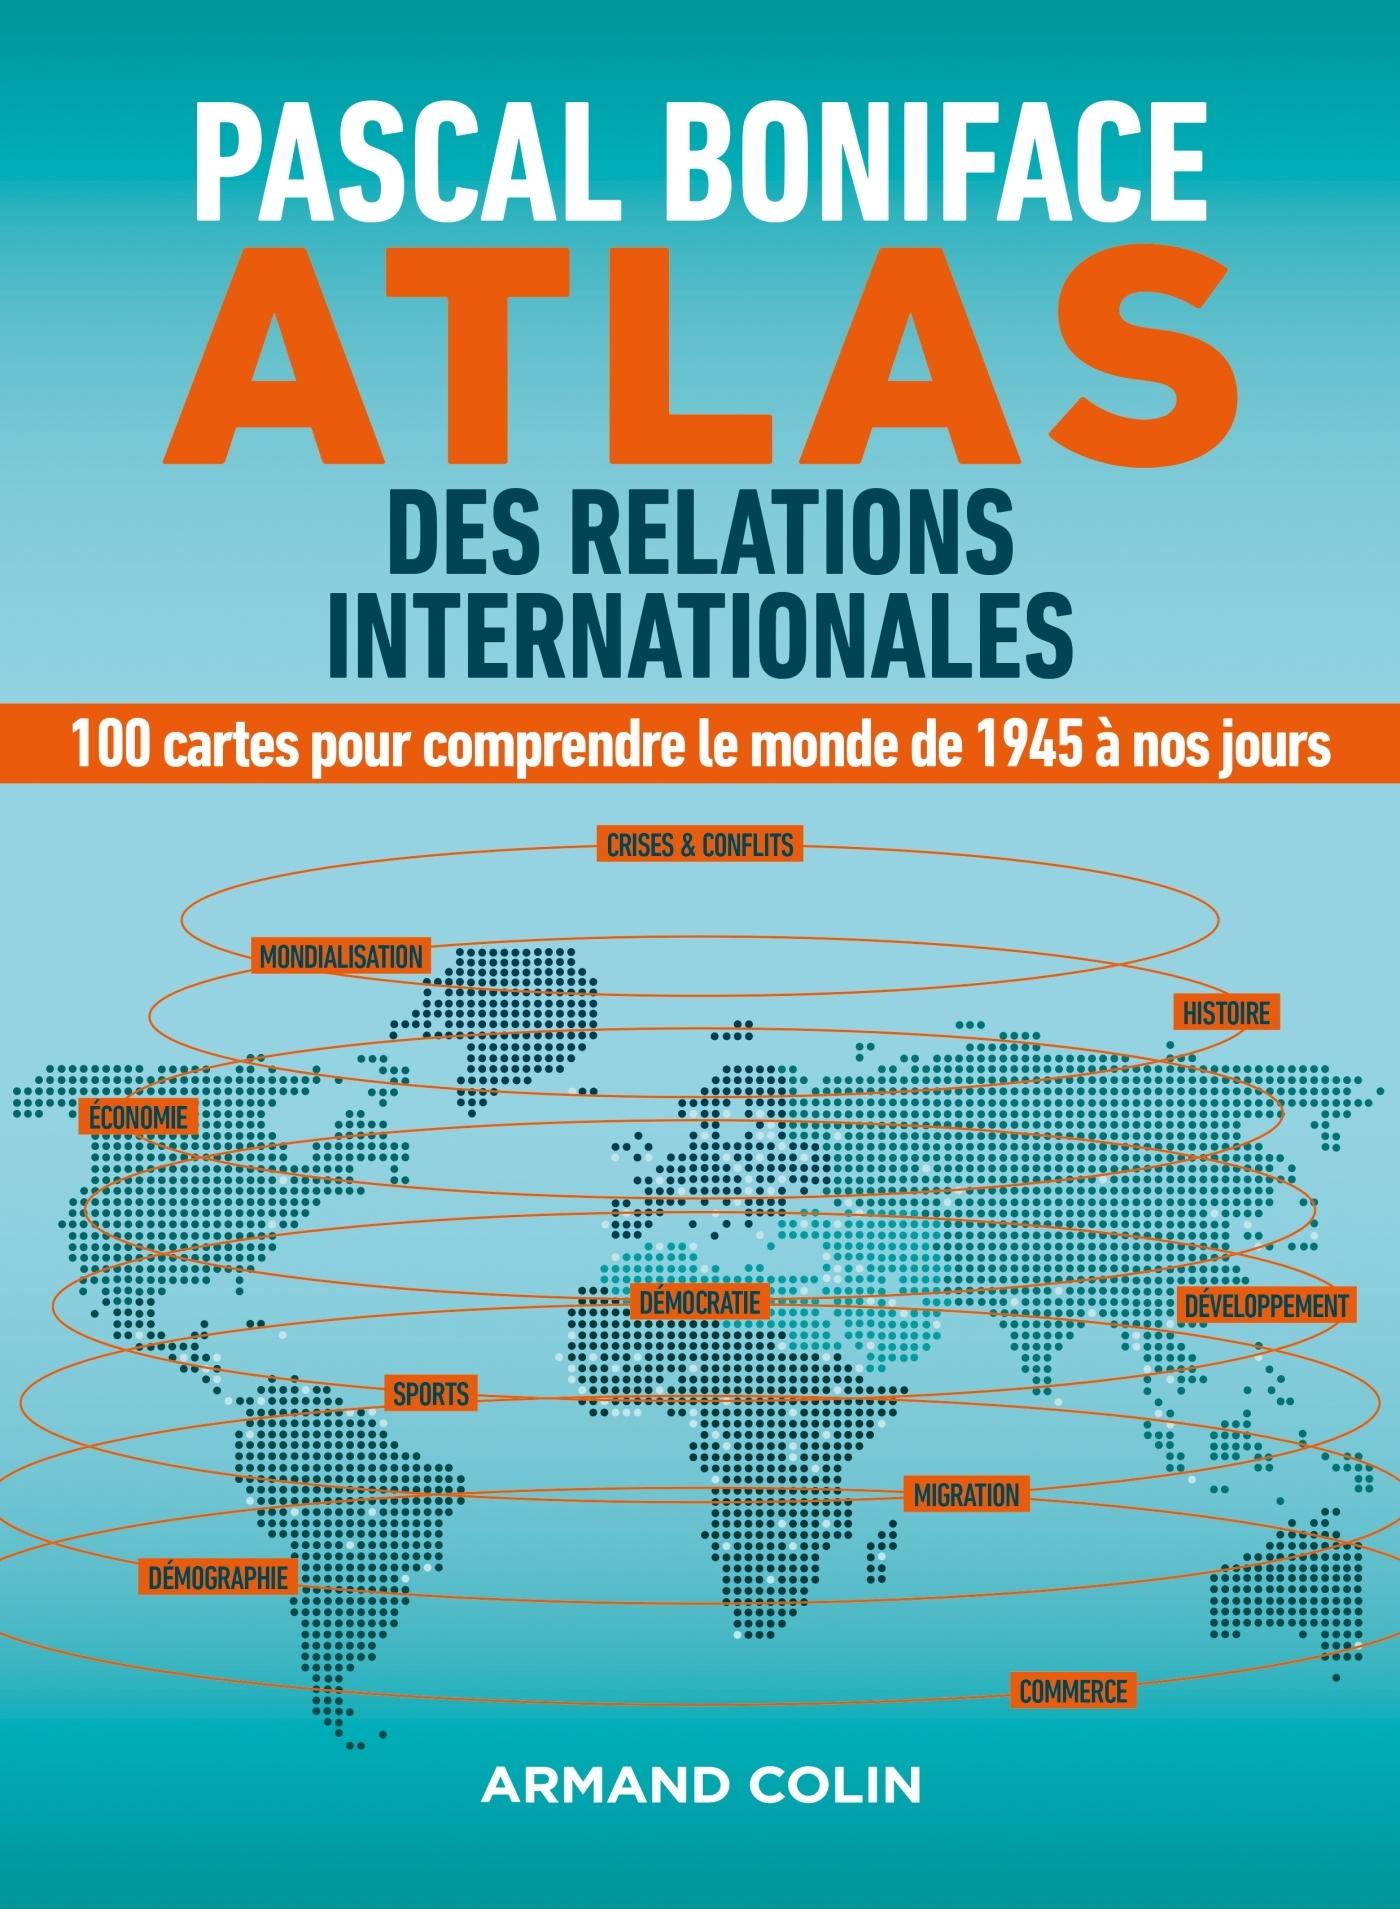 ATLAS DES RELATIONS INTERNATIONALES - 100 CARTES POUR COMPRENDRE LE MONDE DE 1945 A NOS JOURS